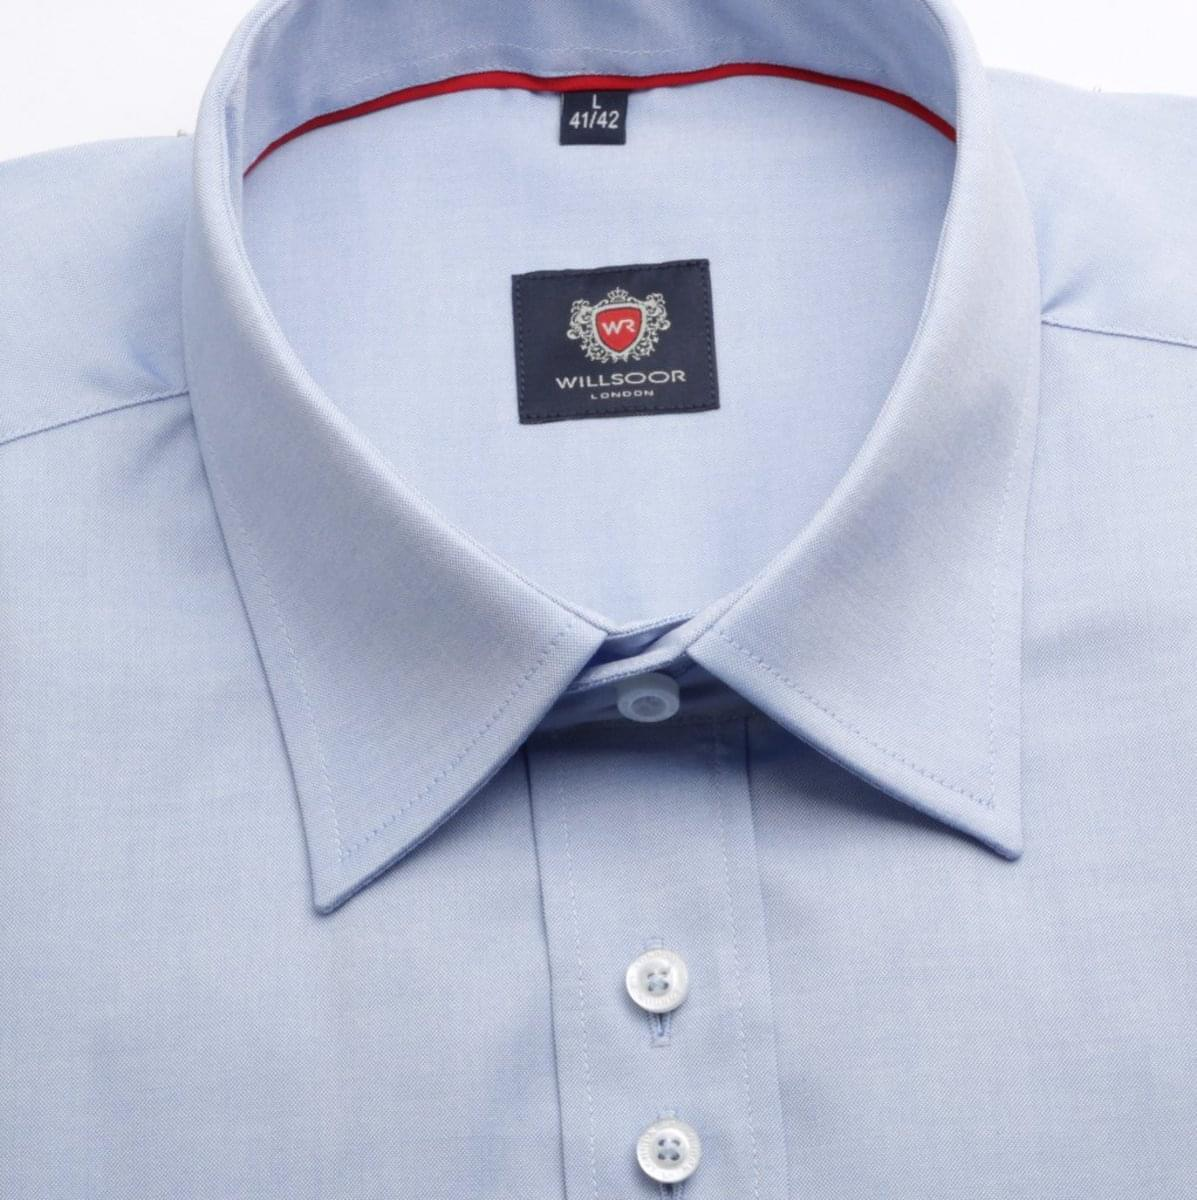 Pánská košile WR London v modré barvě (výška 176-182) 4479 176-182 / XL (43/44)